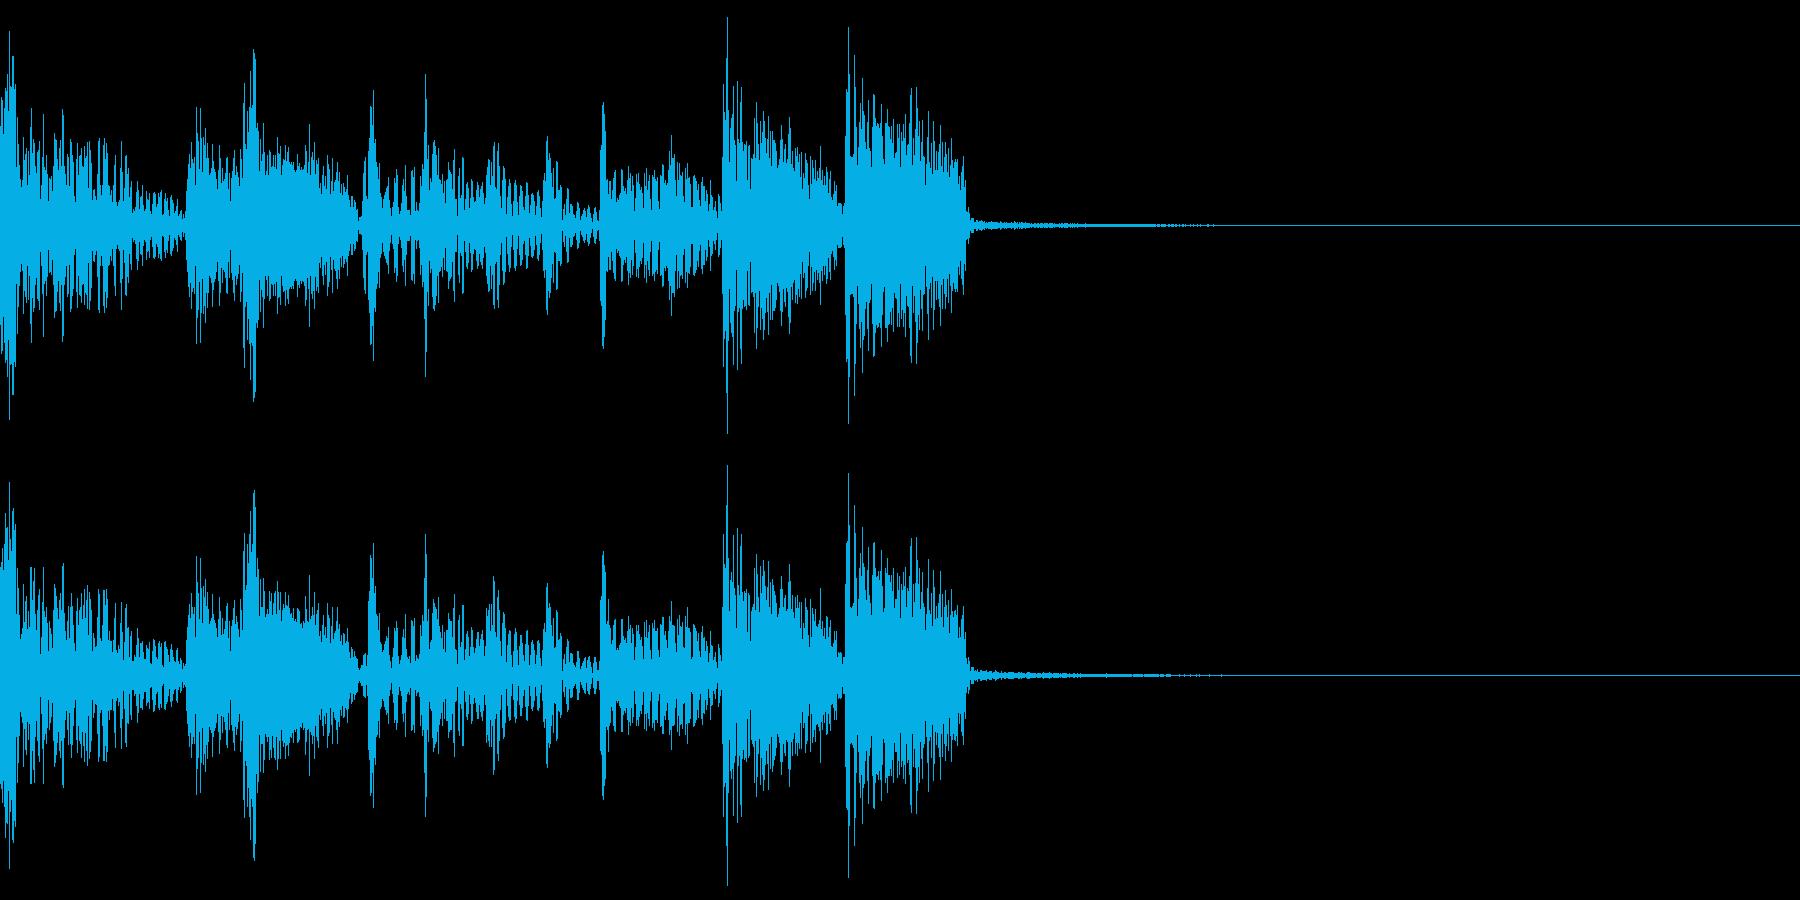 速めなスラップベースのジングルの再生済みの波形